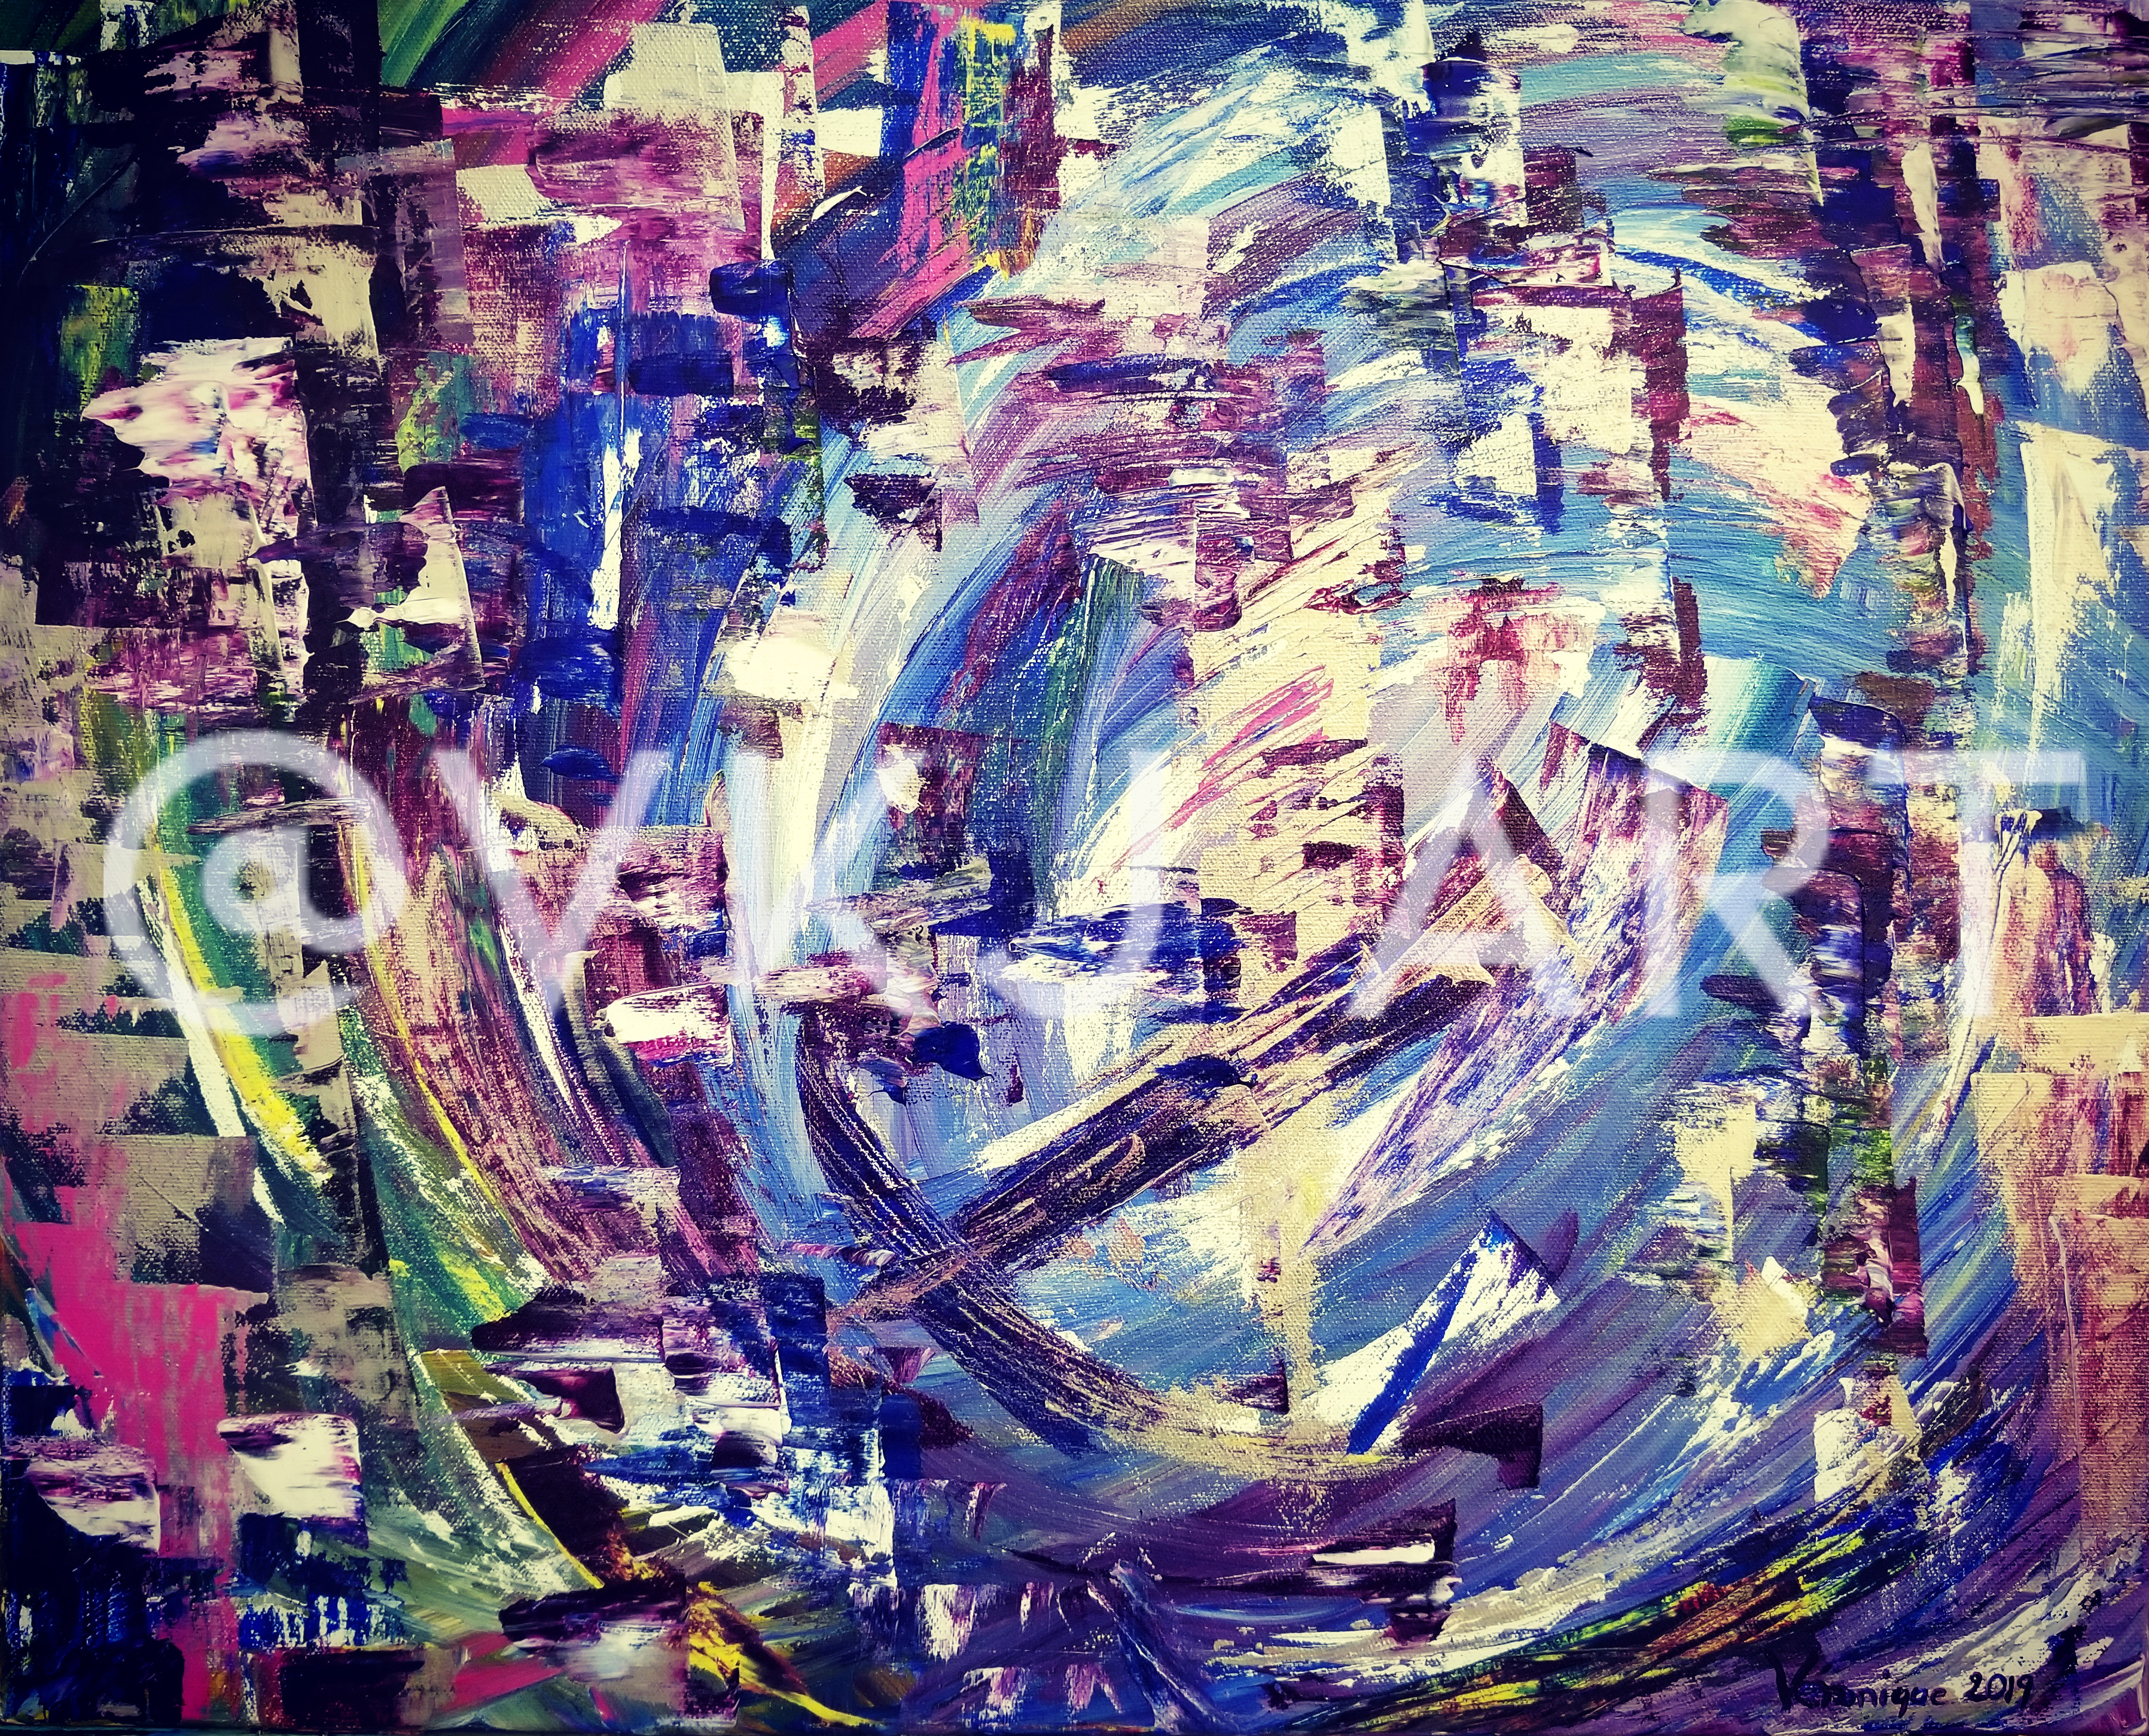 The Cave | 2019 | 51cm x 41 cm